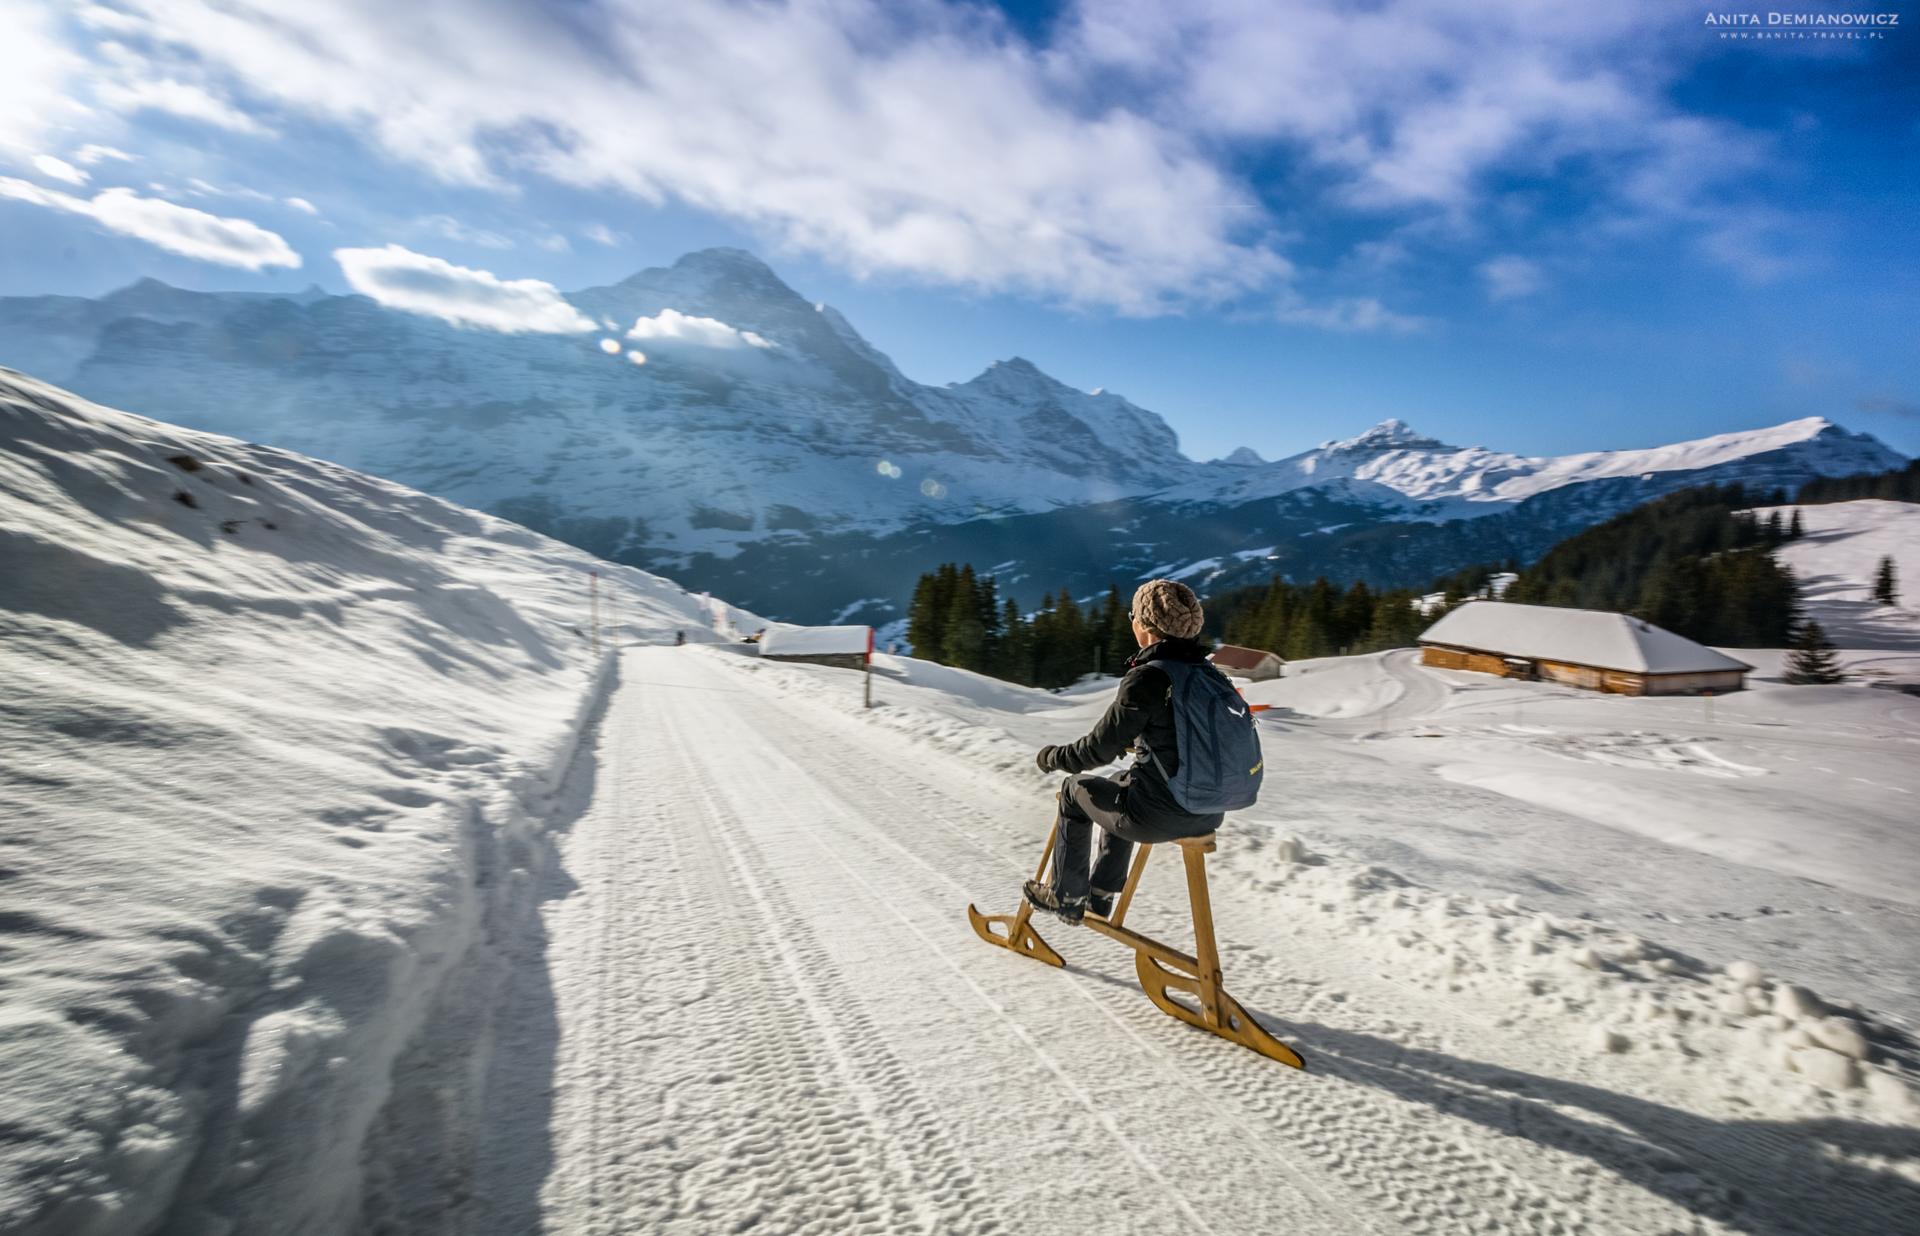 Ferie zimowe. Szwajcaria zimą